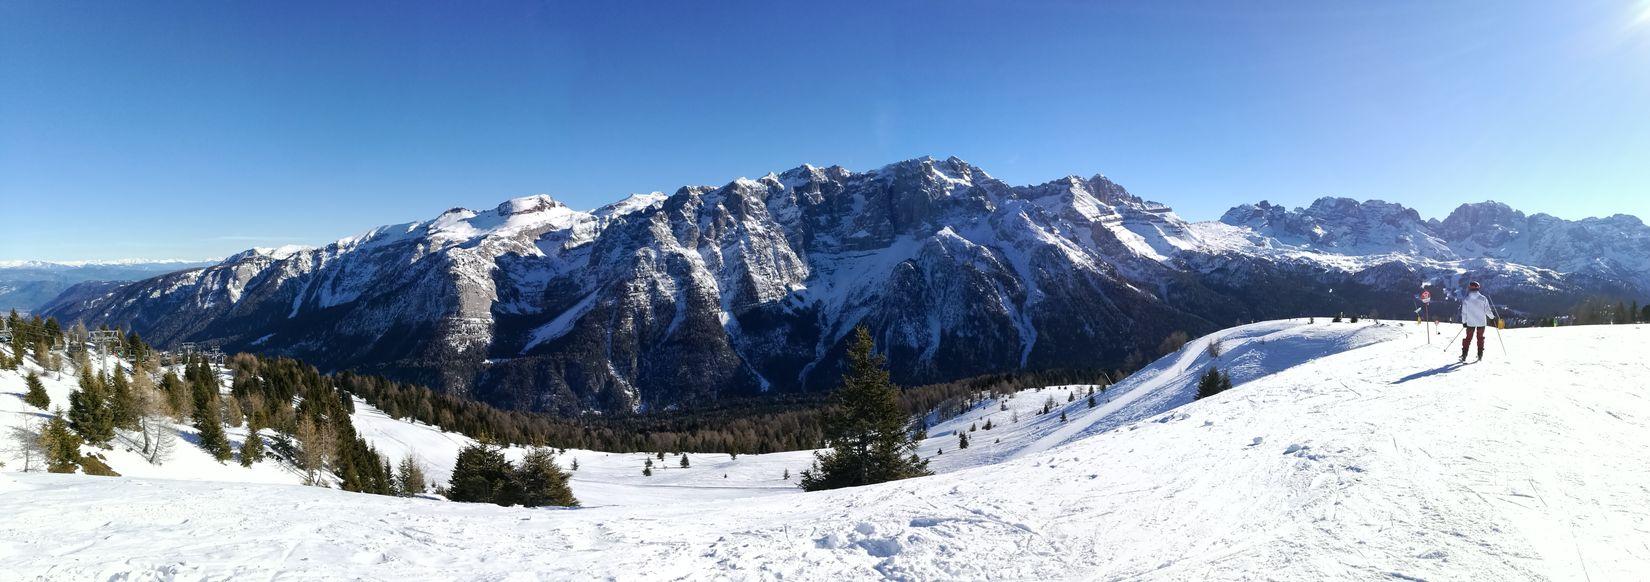 Natale2017 Neve Senzavista Ariabuona Respiraquestalibertà Passionesci Mountain